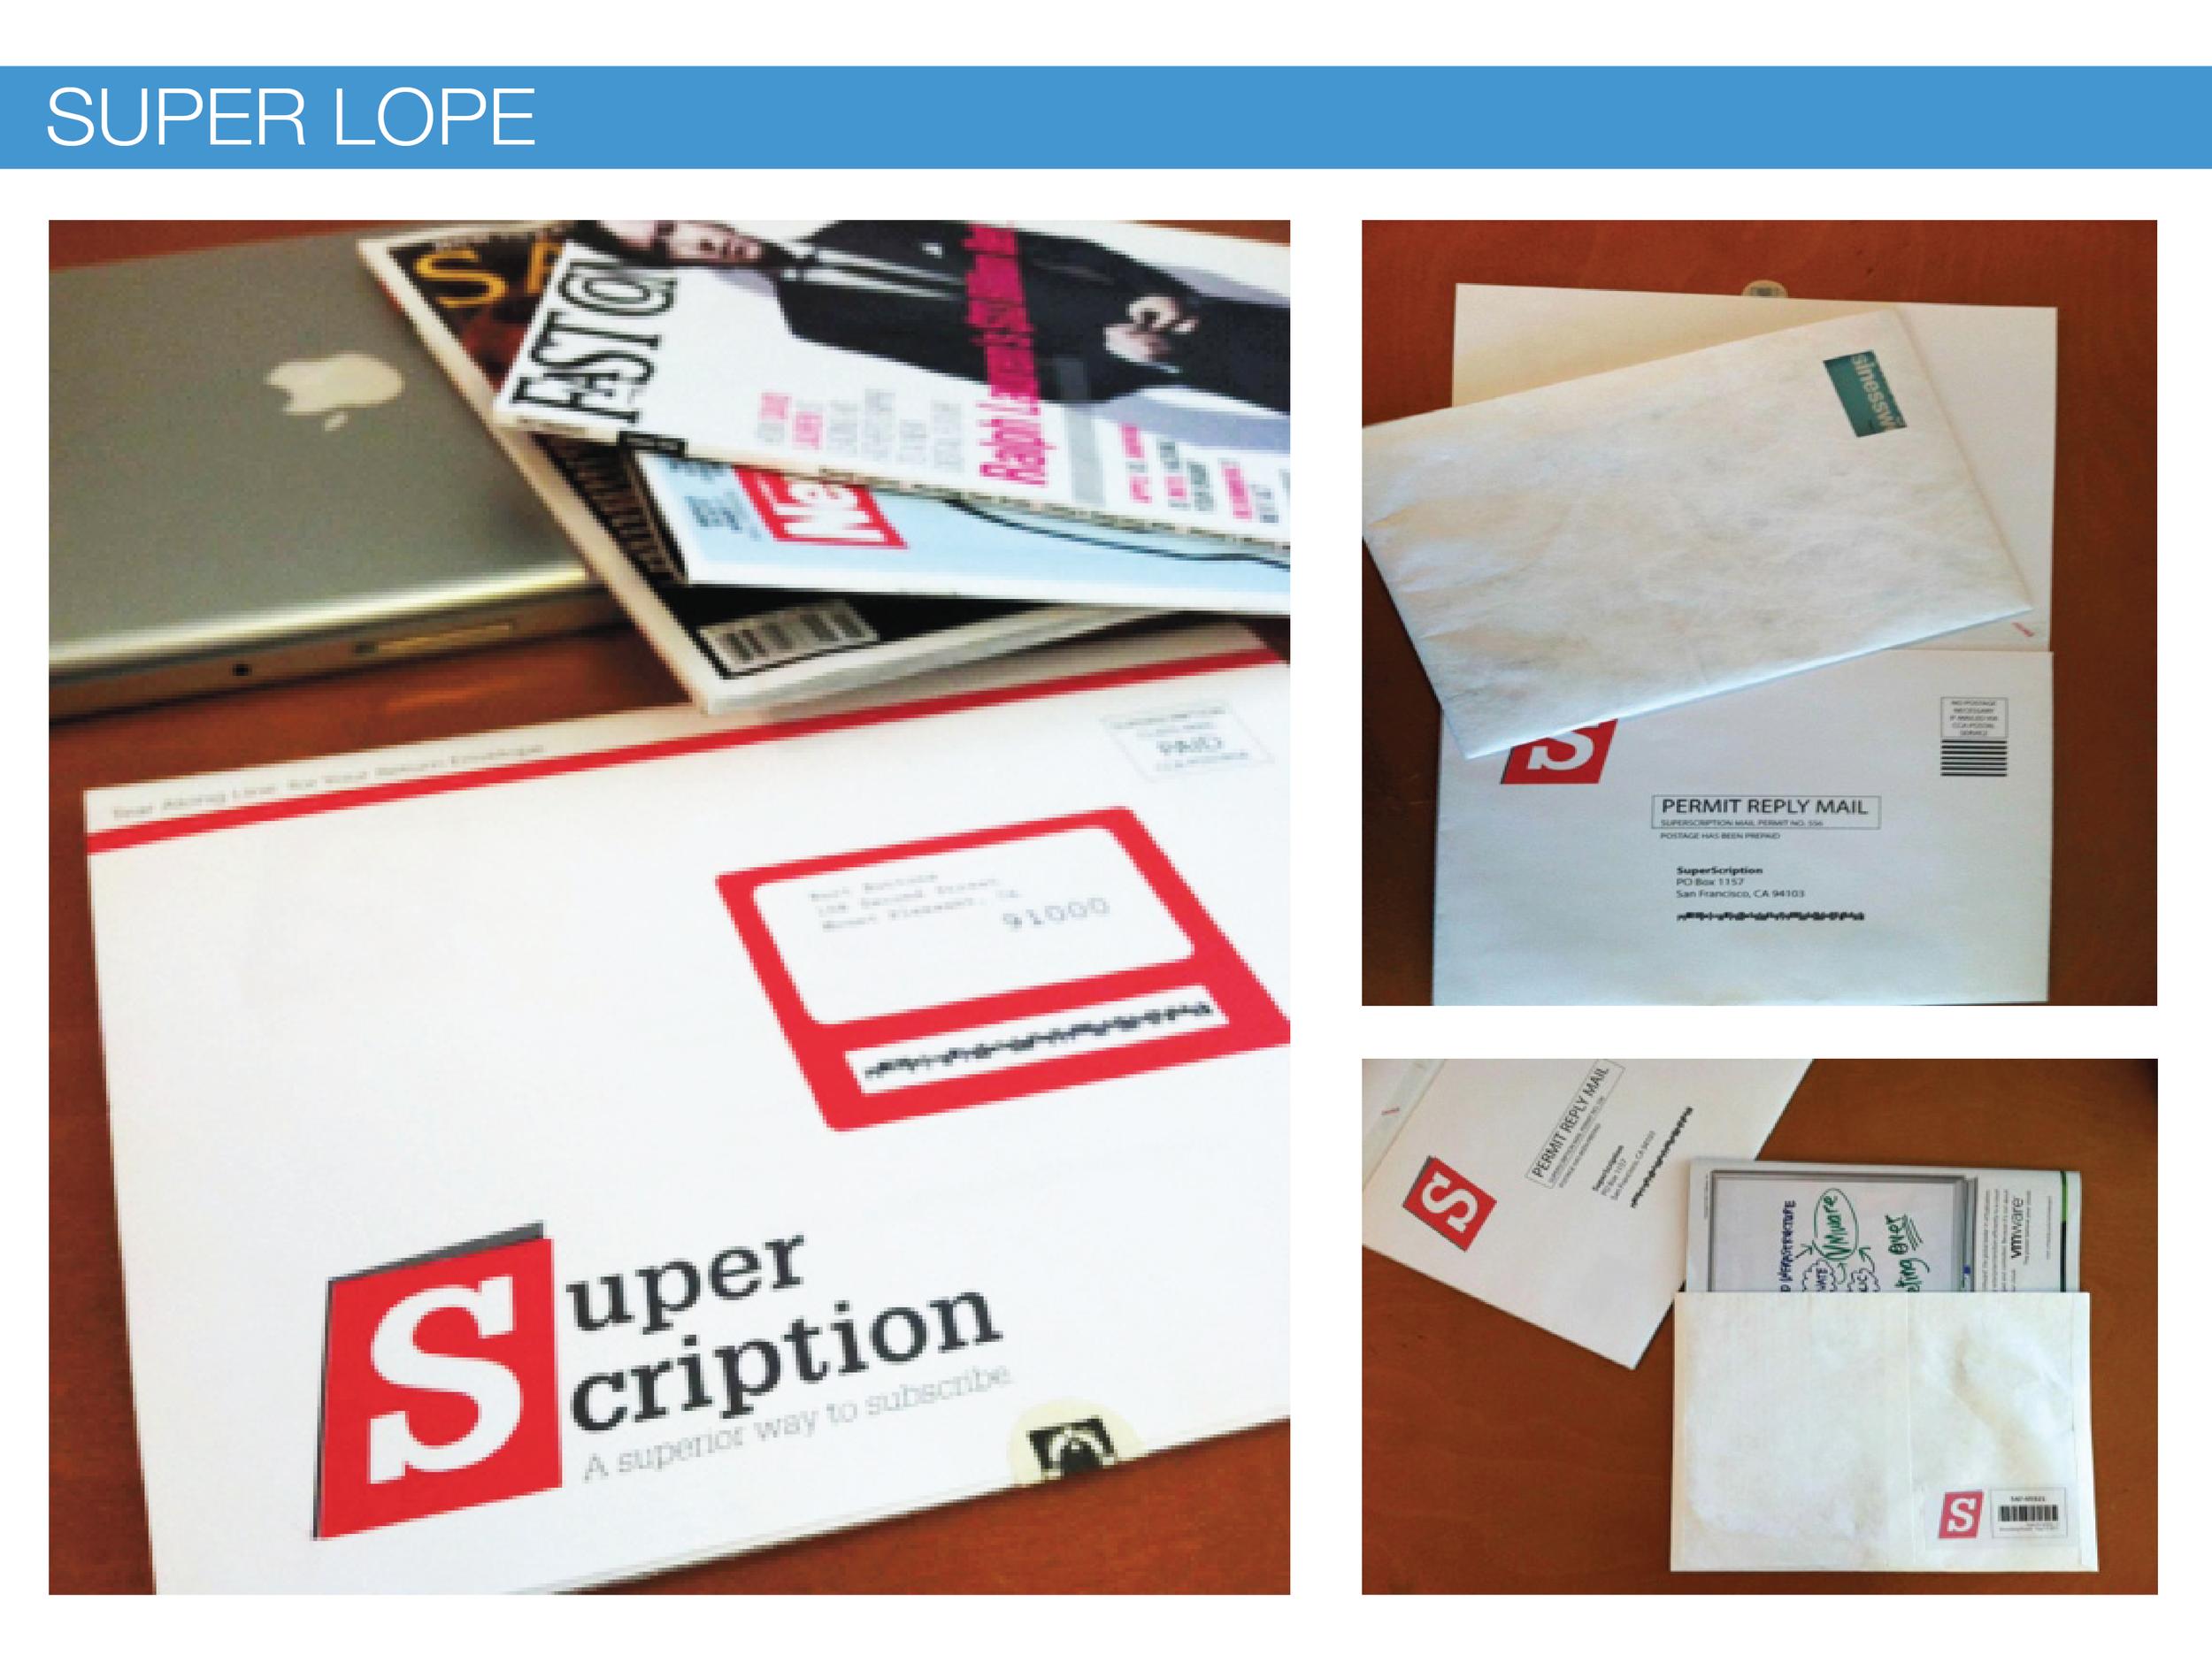 supercription_AUG3-06.png